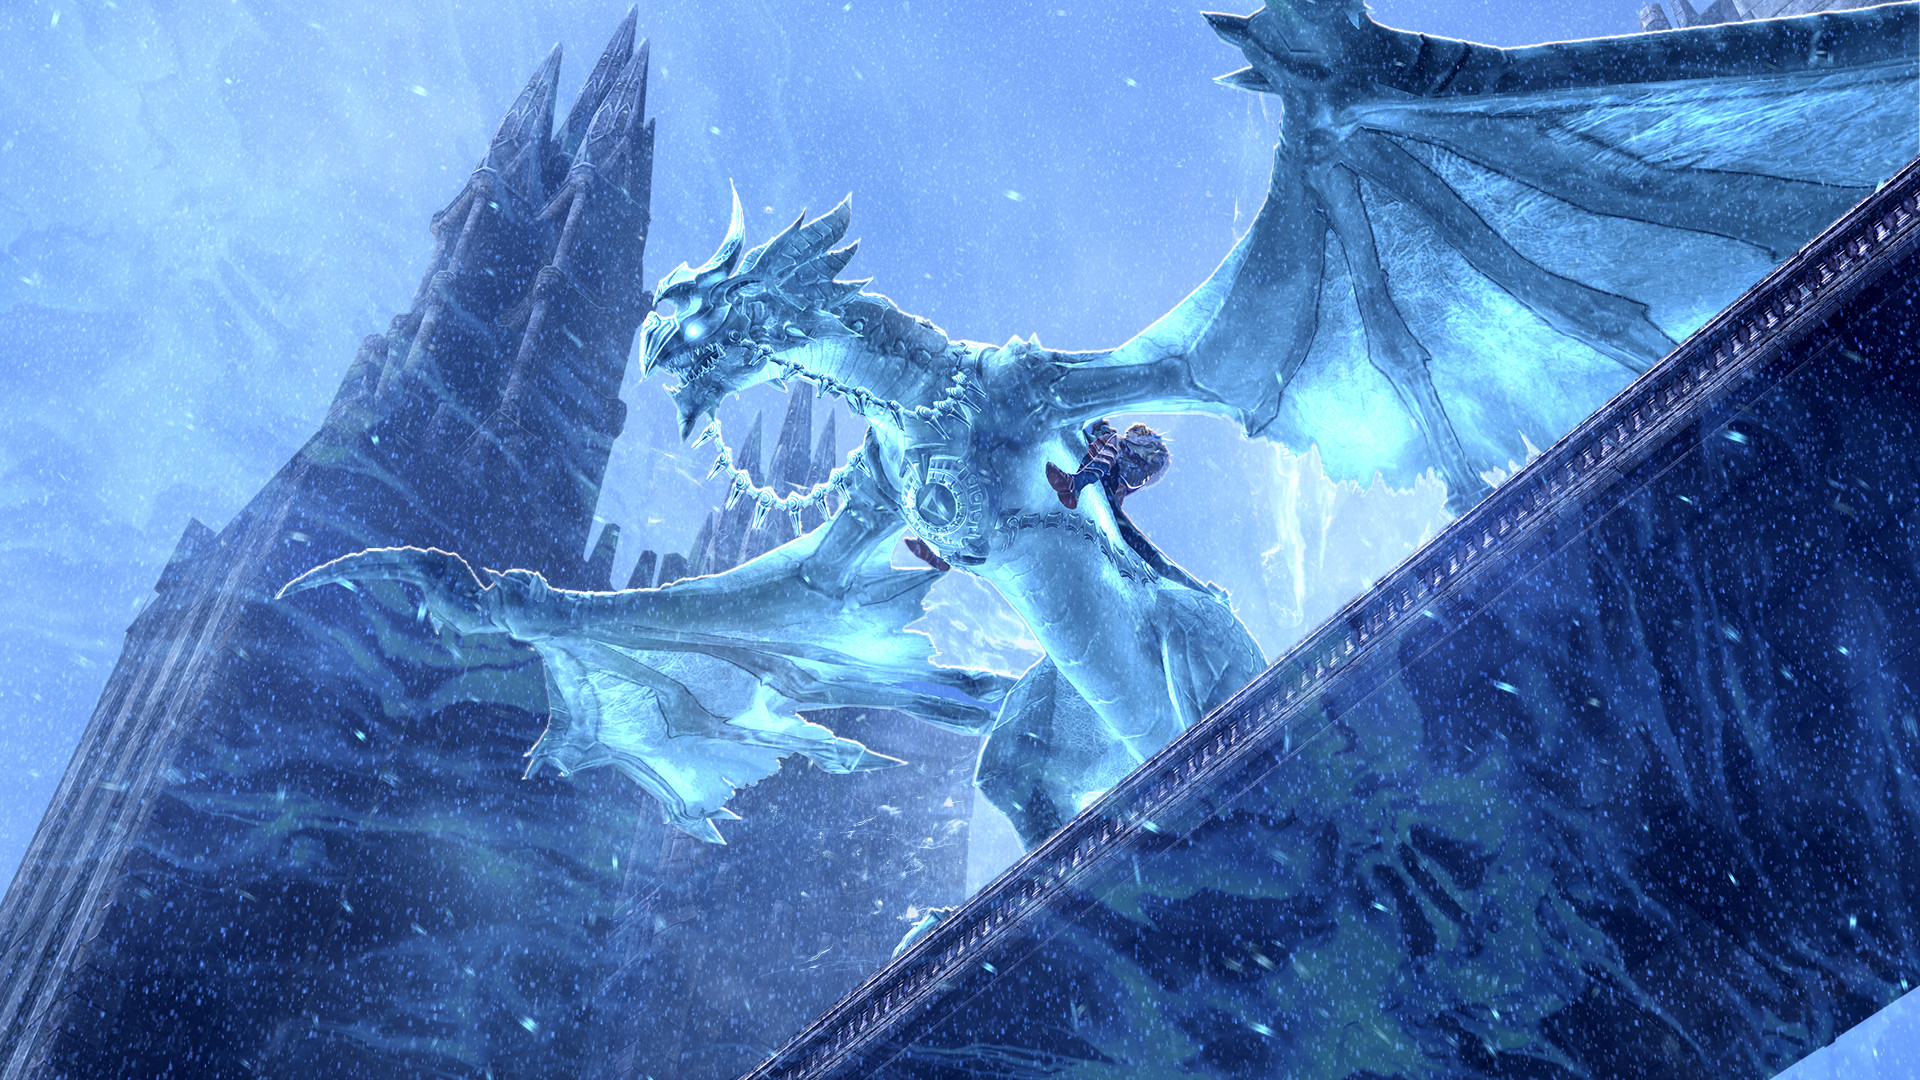 картинки с призрачными драконами стиль